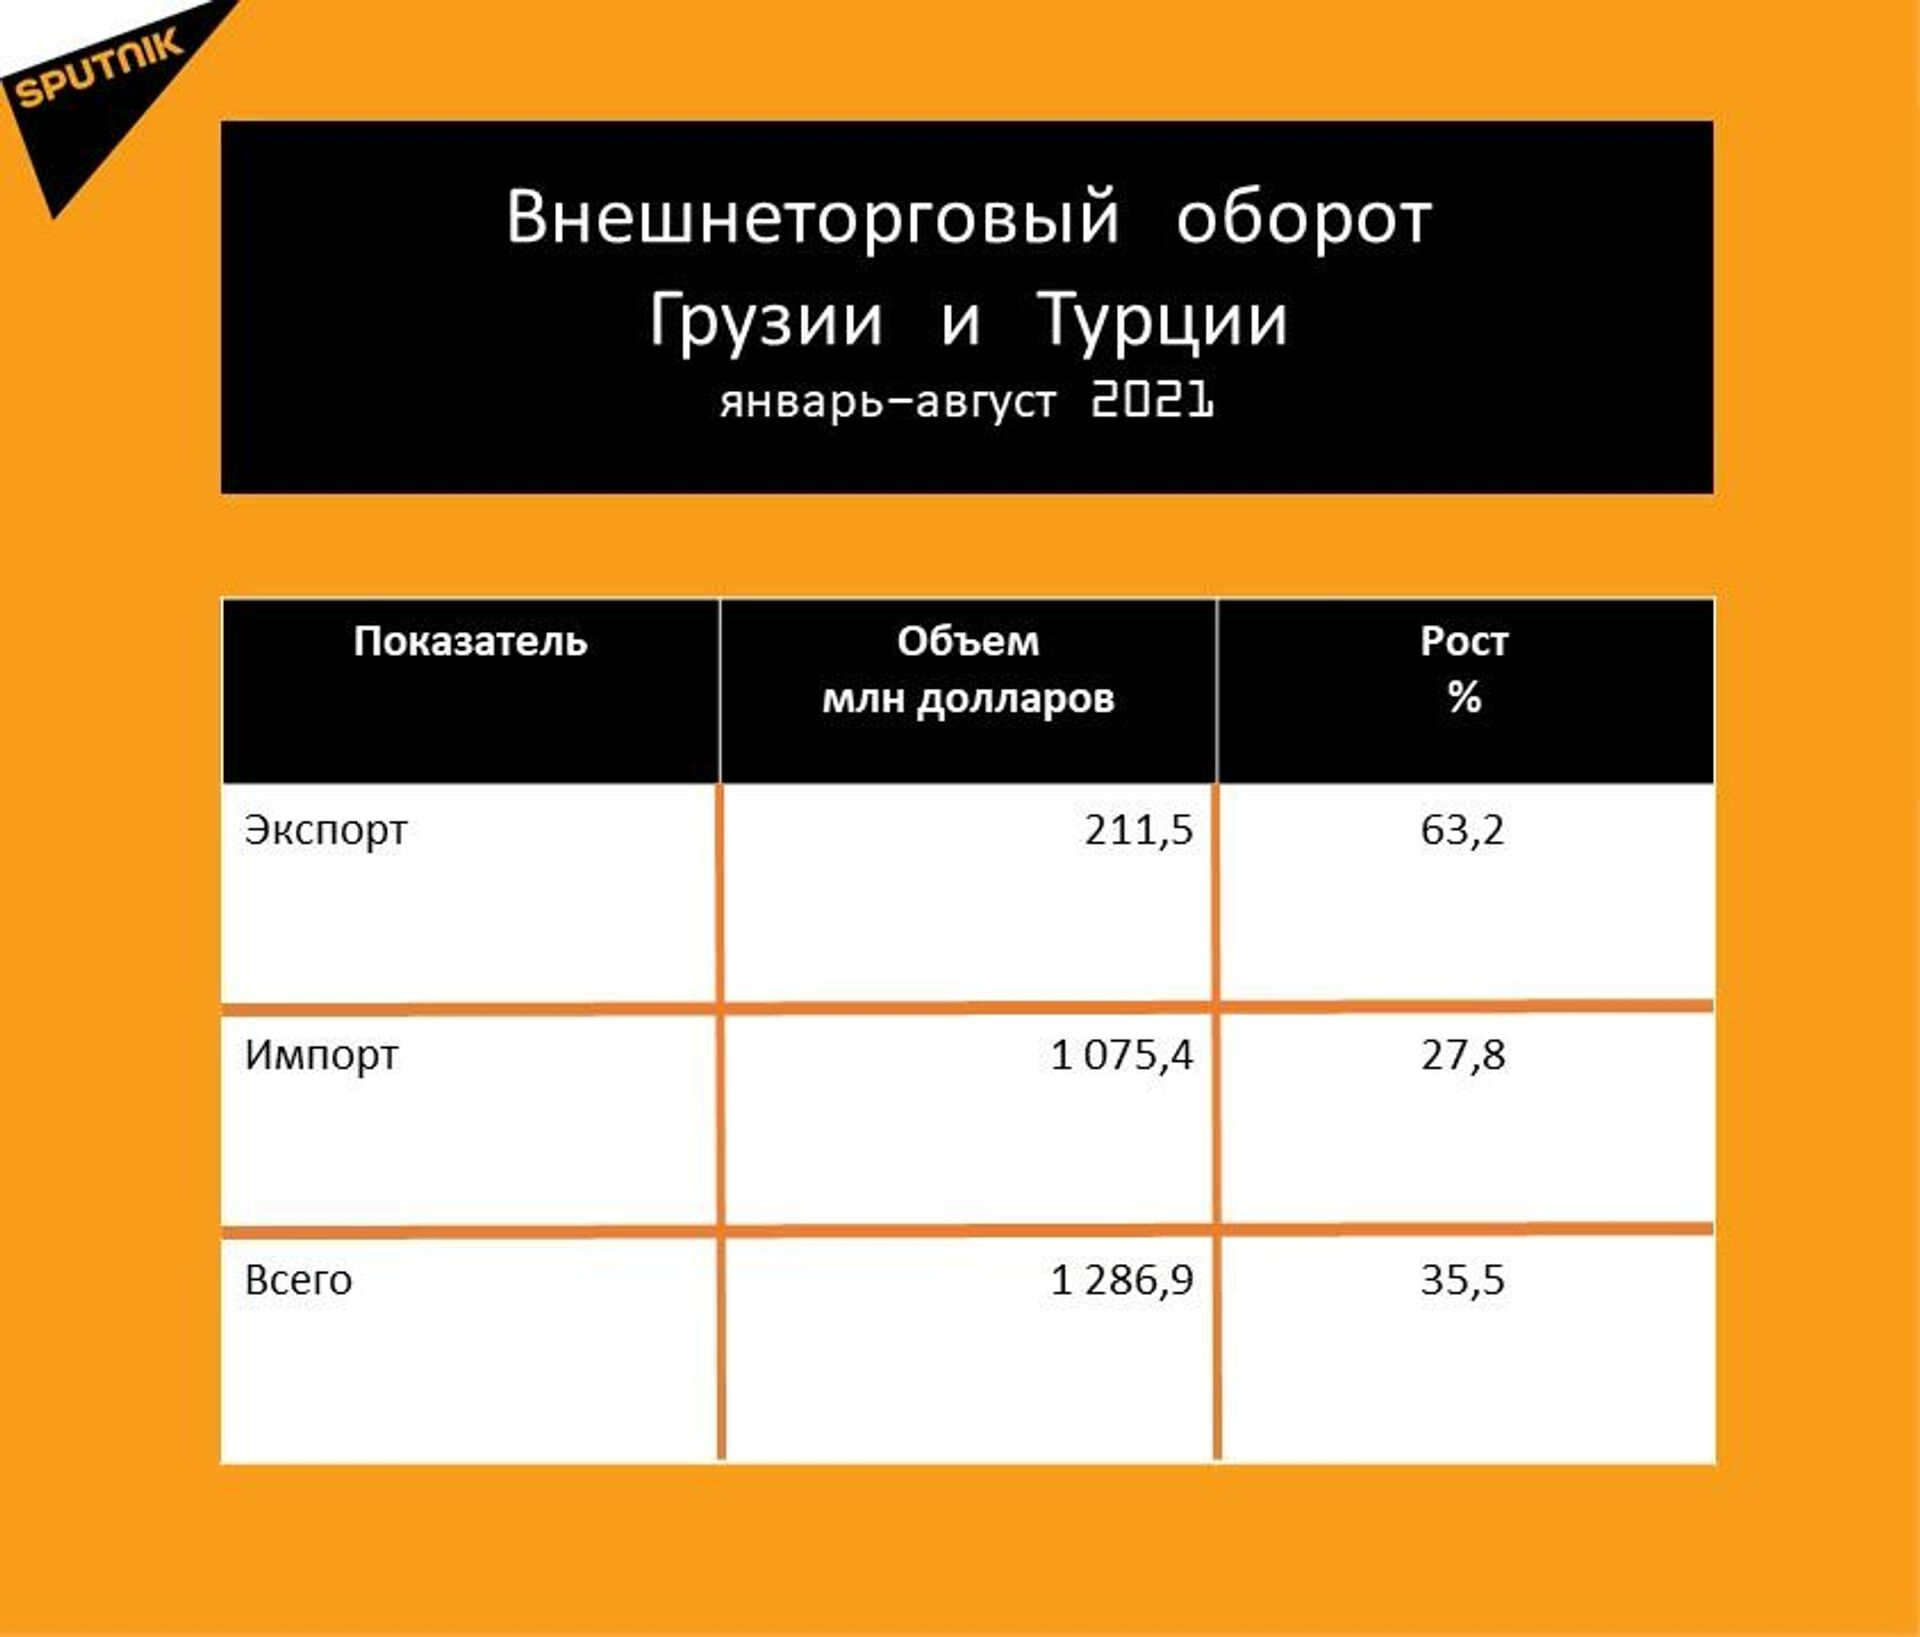 Статистика внешнеторгового оборота Грузии с Турцией за январь-август 2021 года - Sputnik Грузия, 1920, 29.09.2021